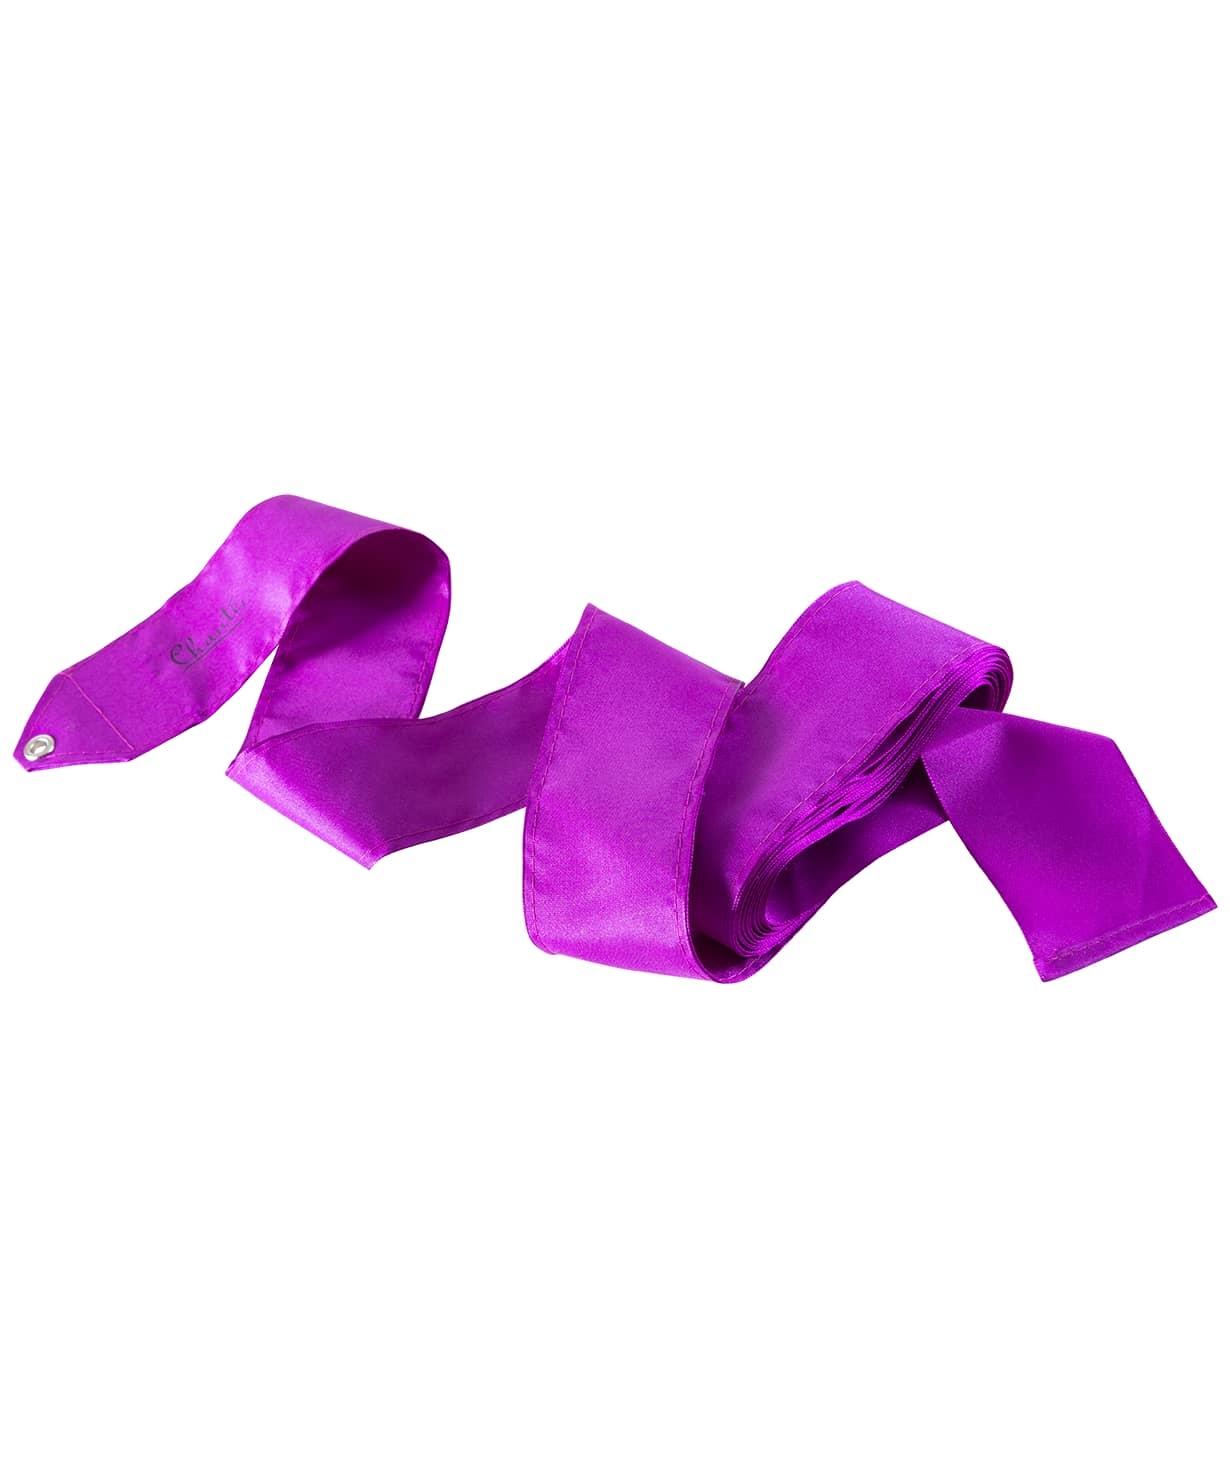 Лента для художественной гимнастики Voyage, 4 м, фиолетовая